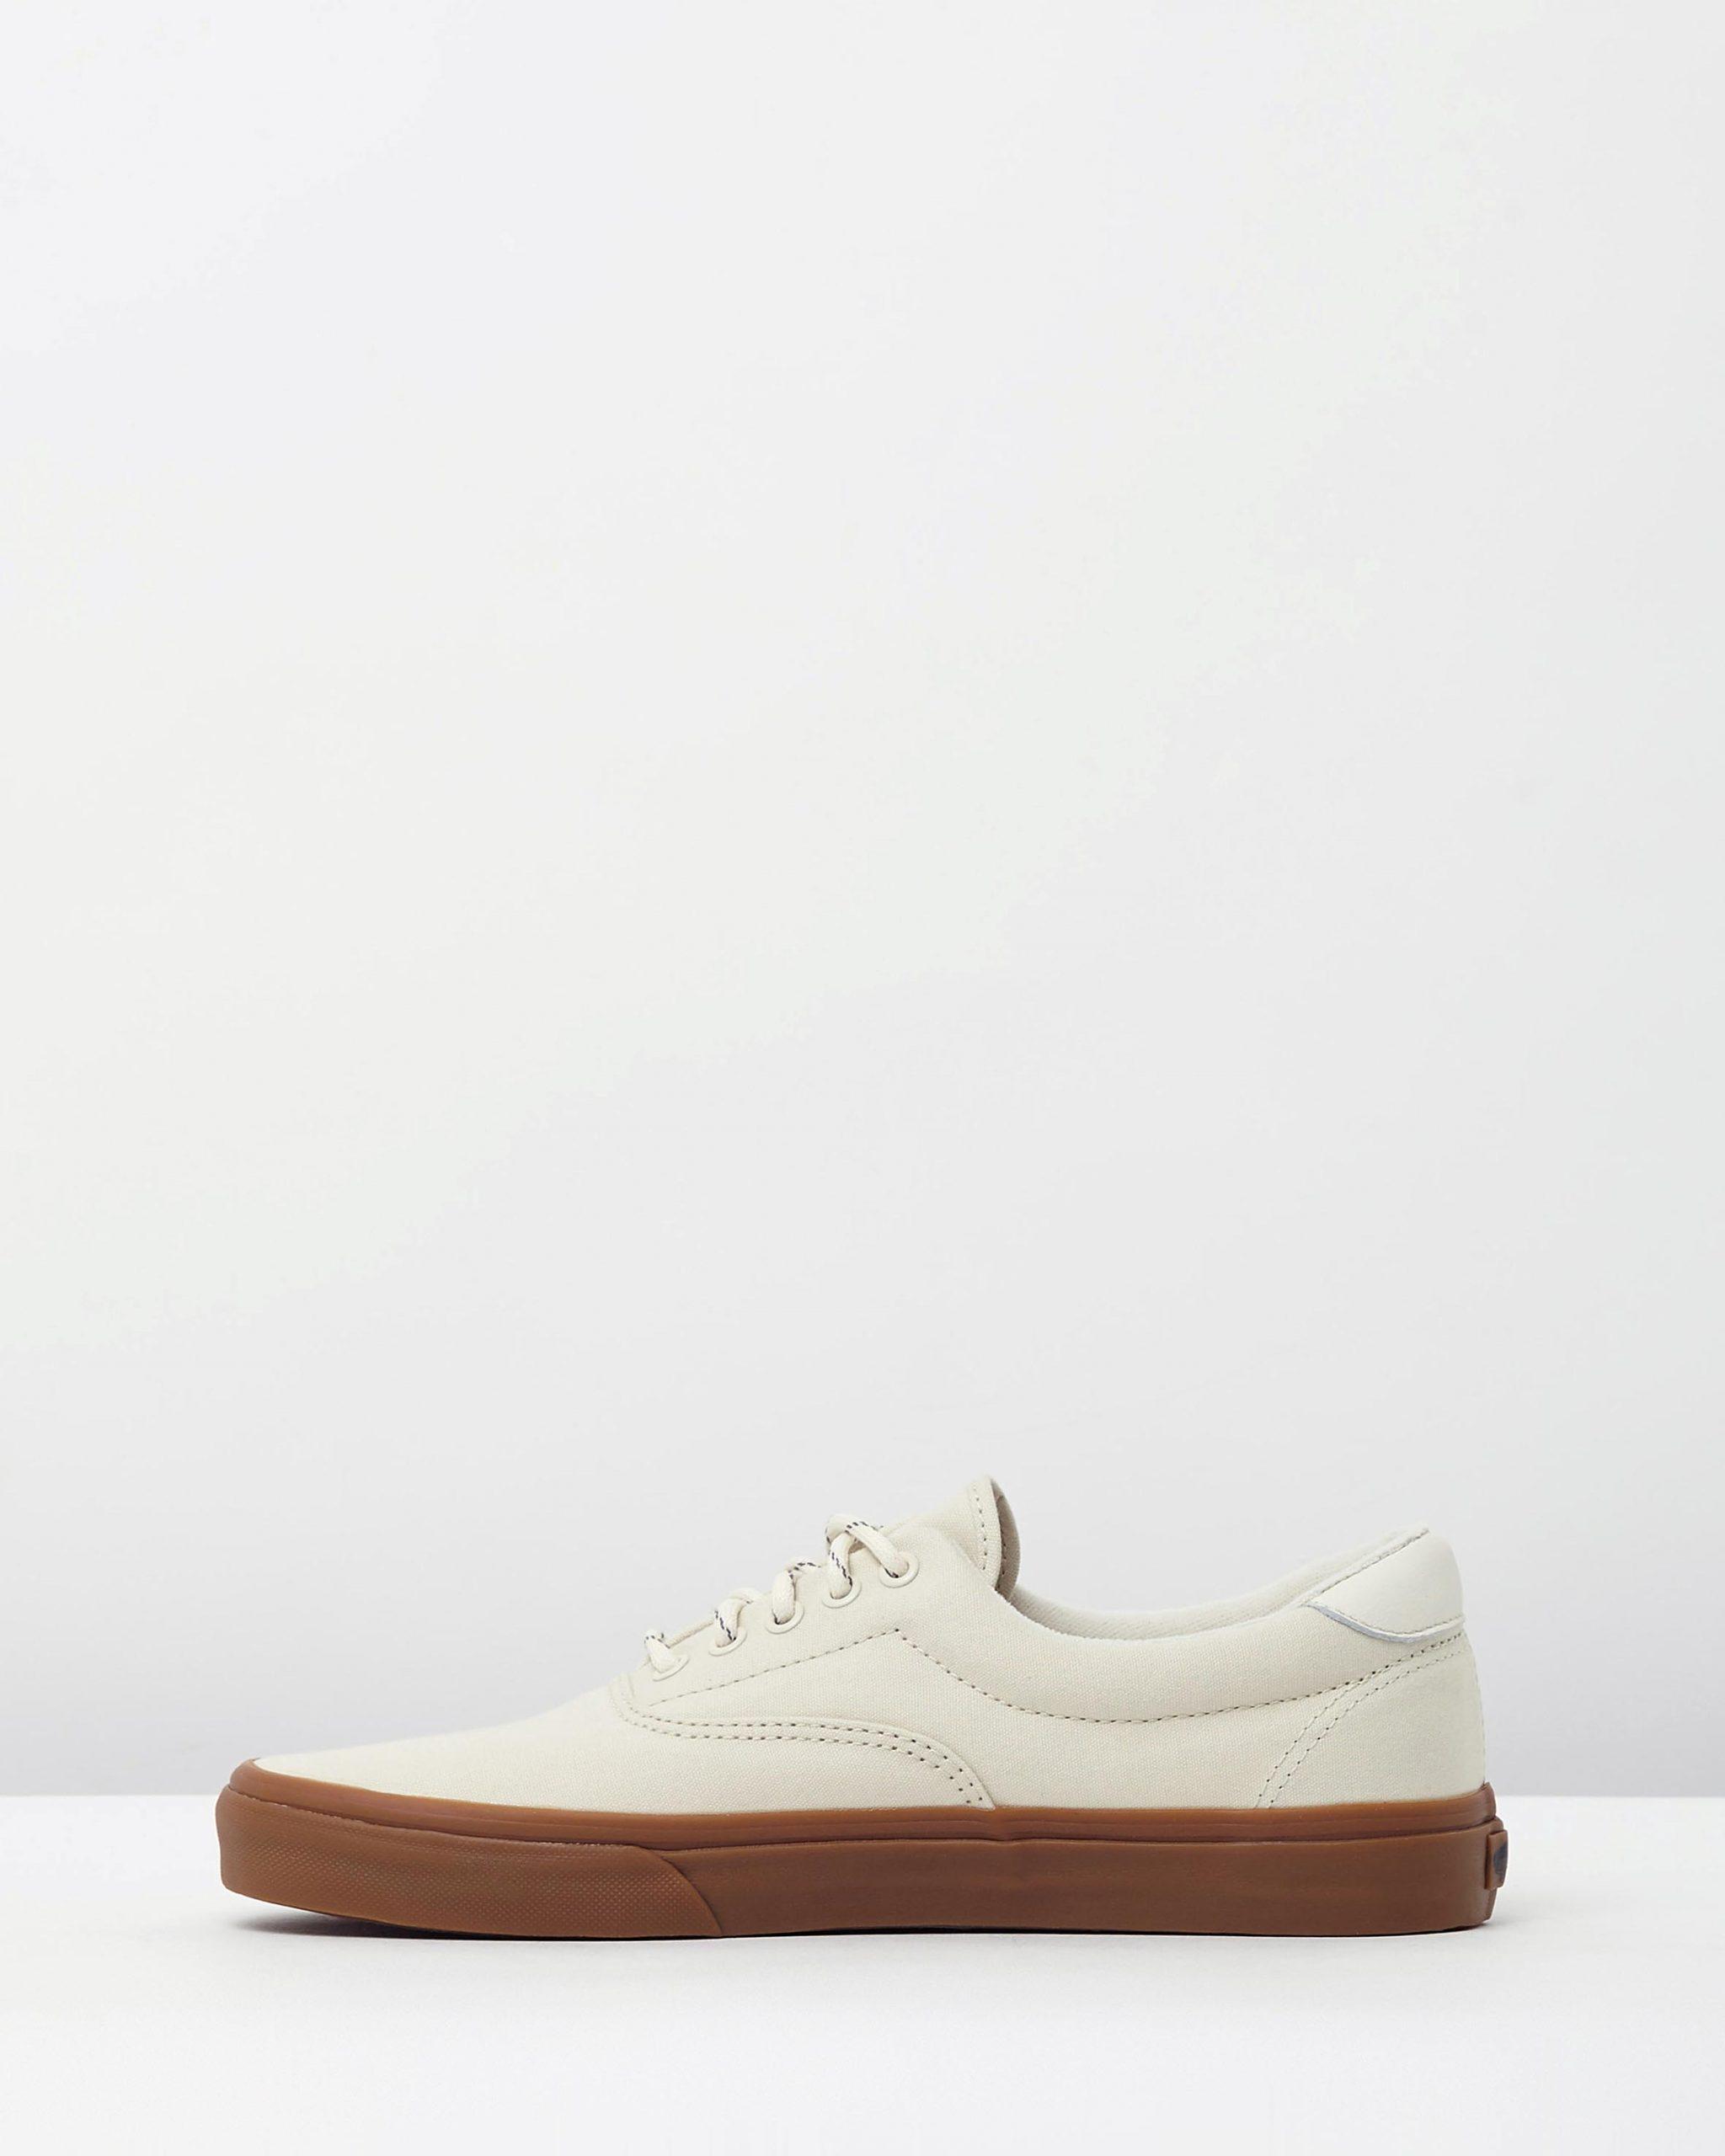 Vans Era 59 White Gum | 95Gallery.com